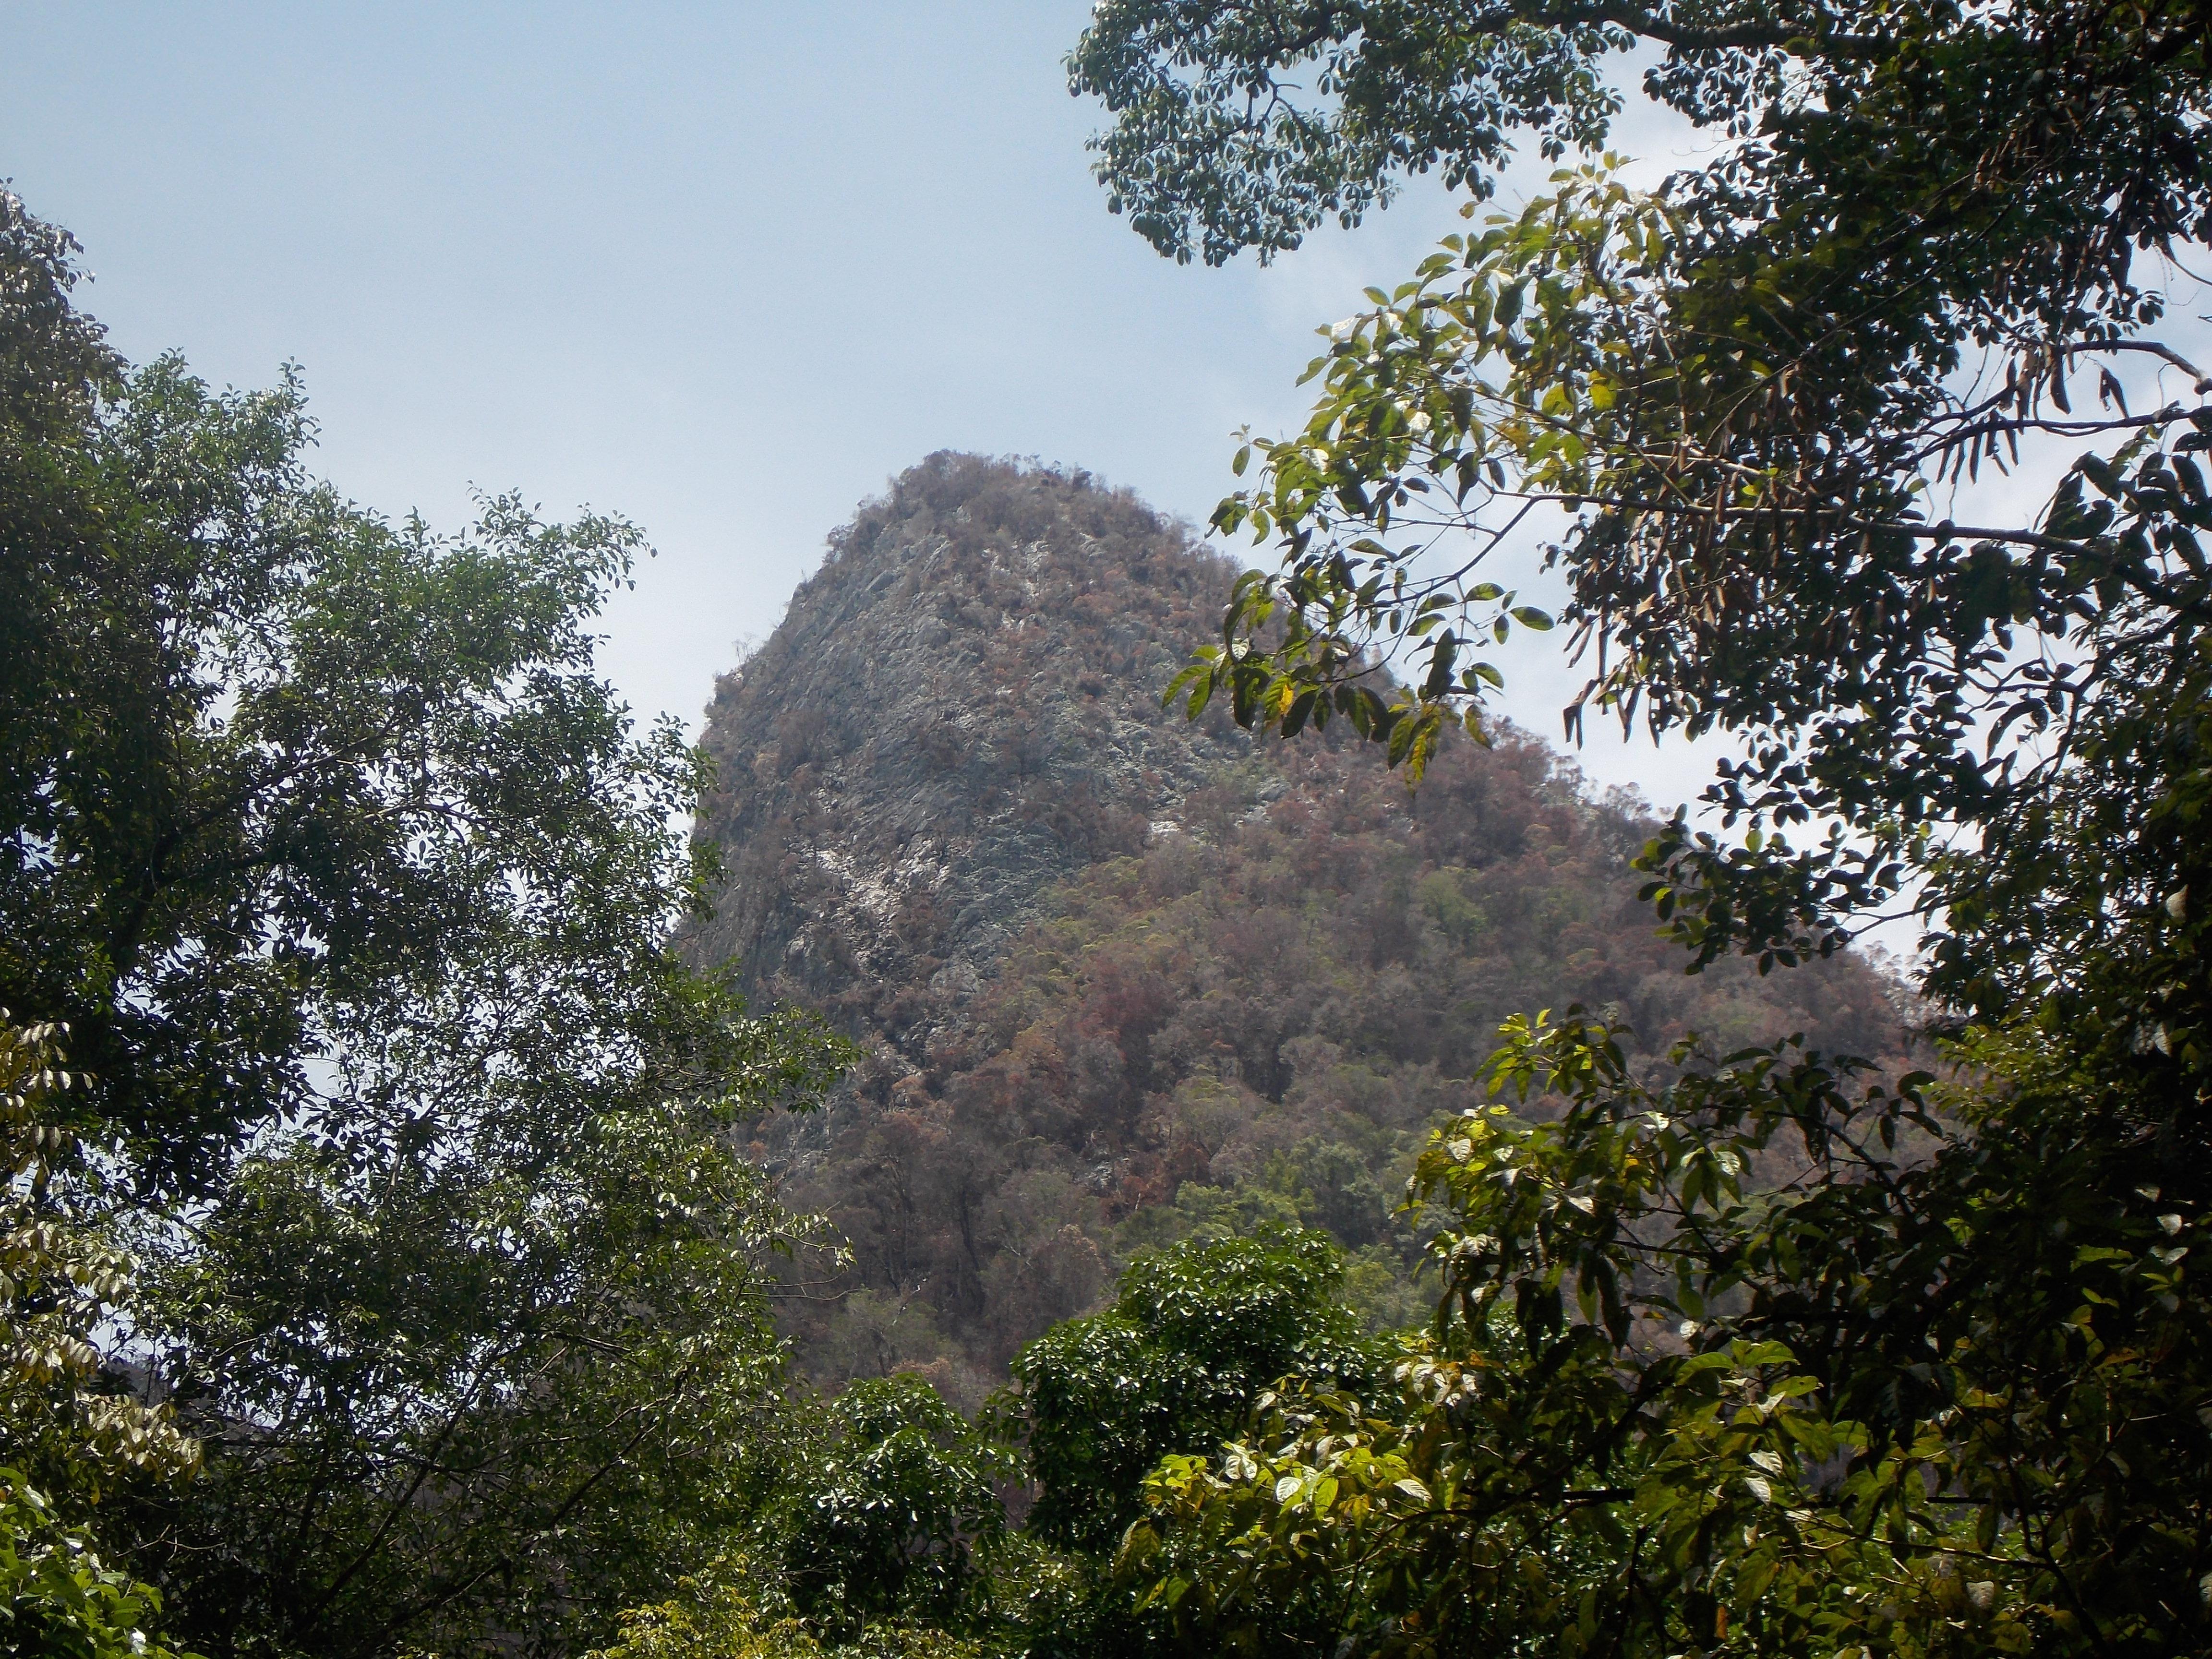 031-closer-look-at-peak-above-camp-1